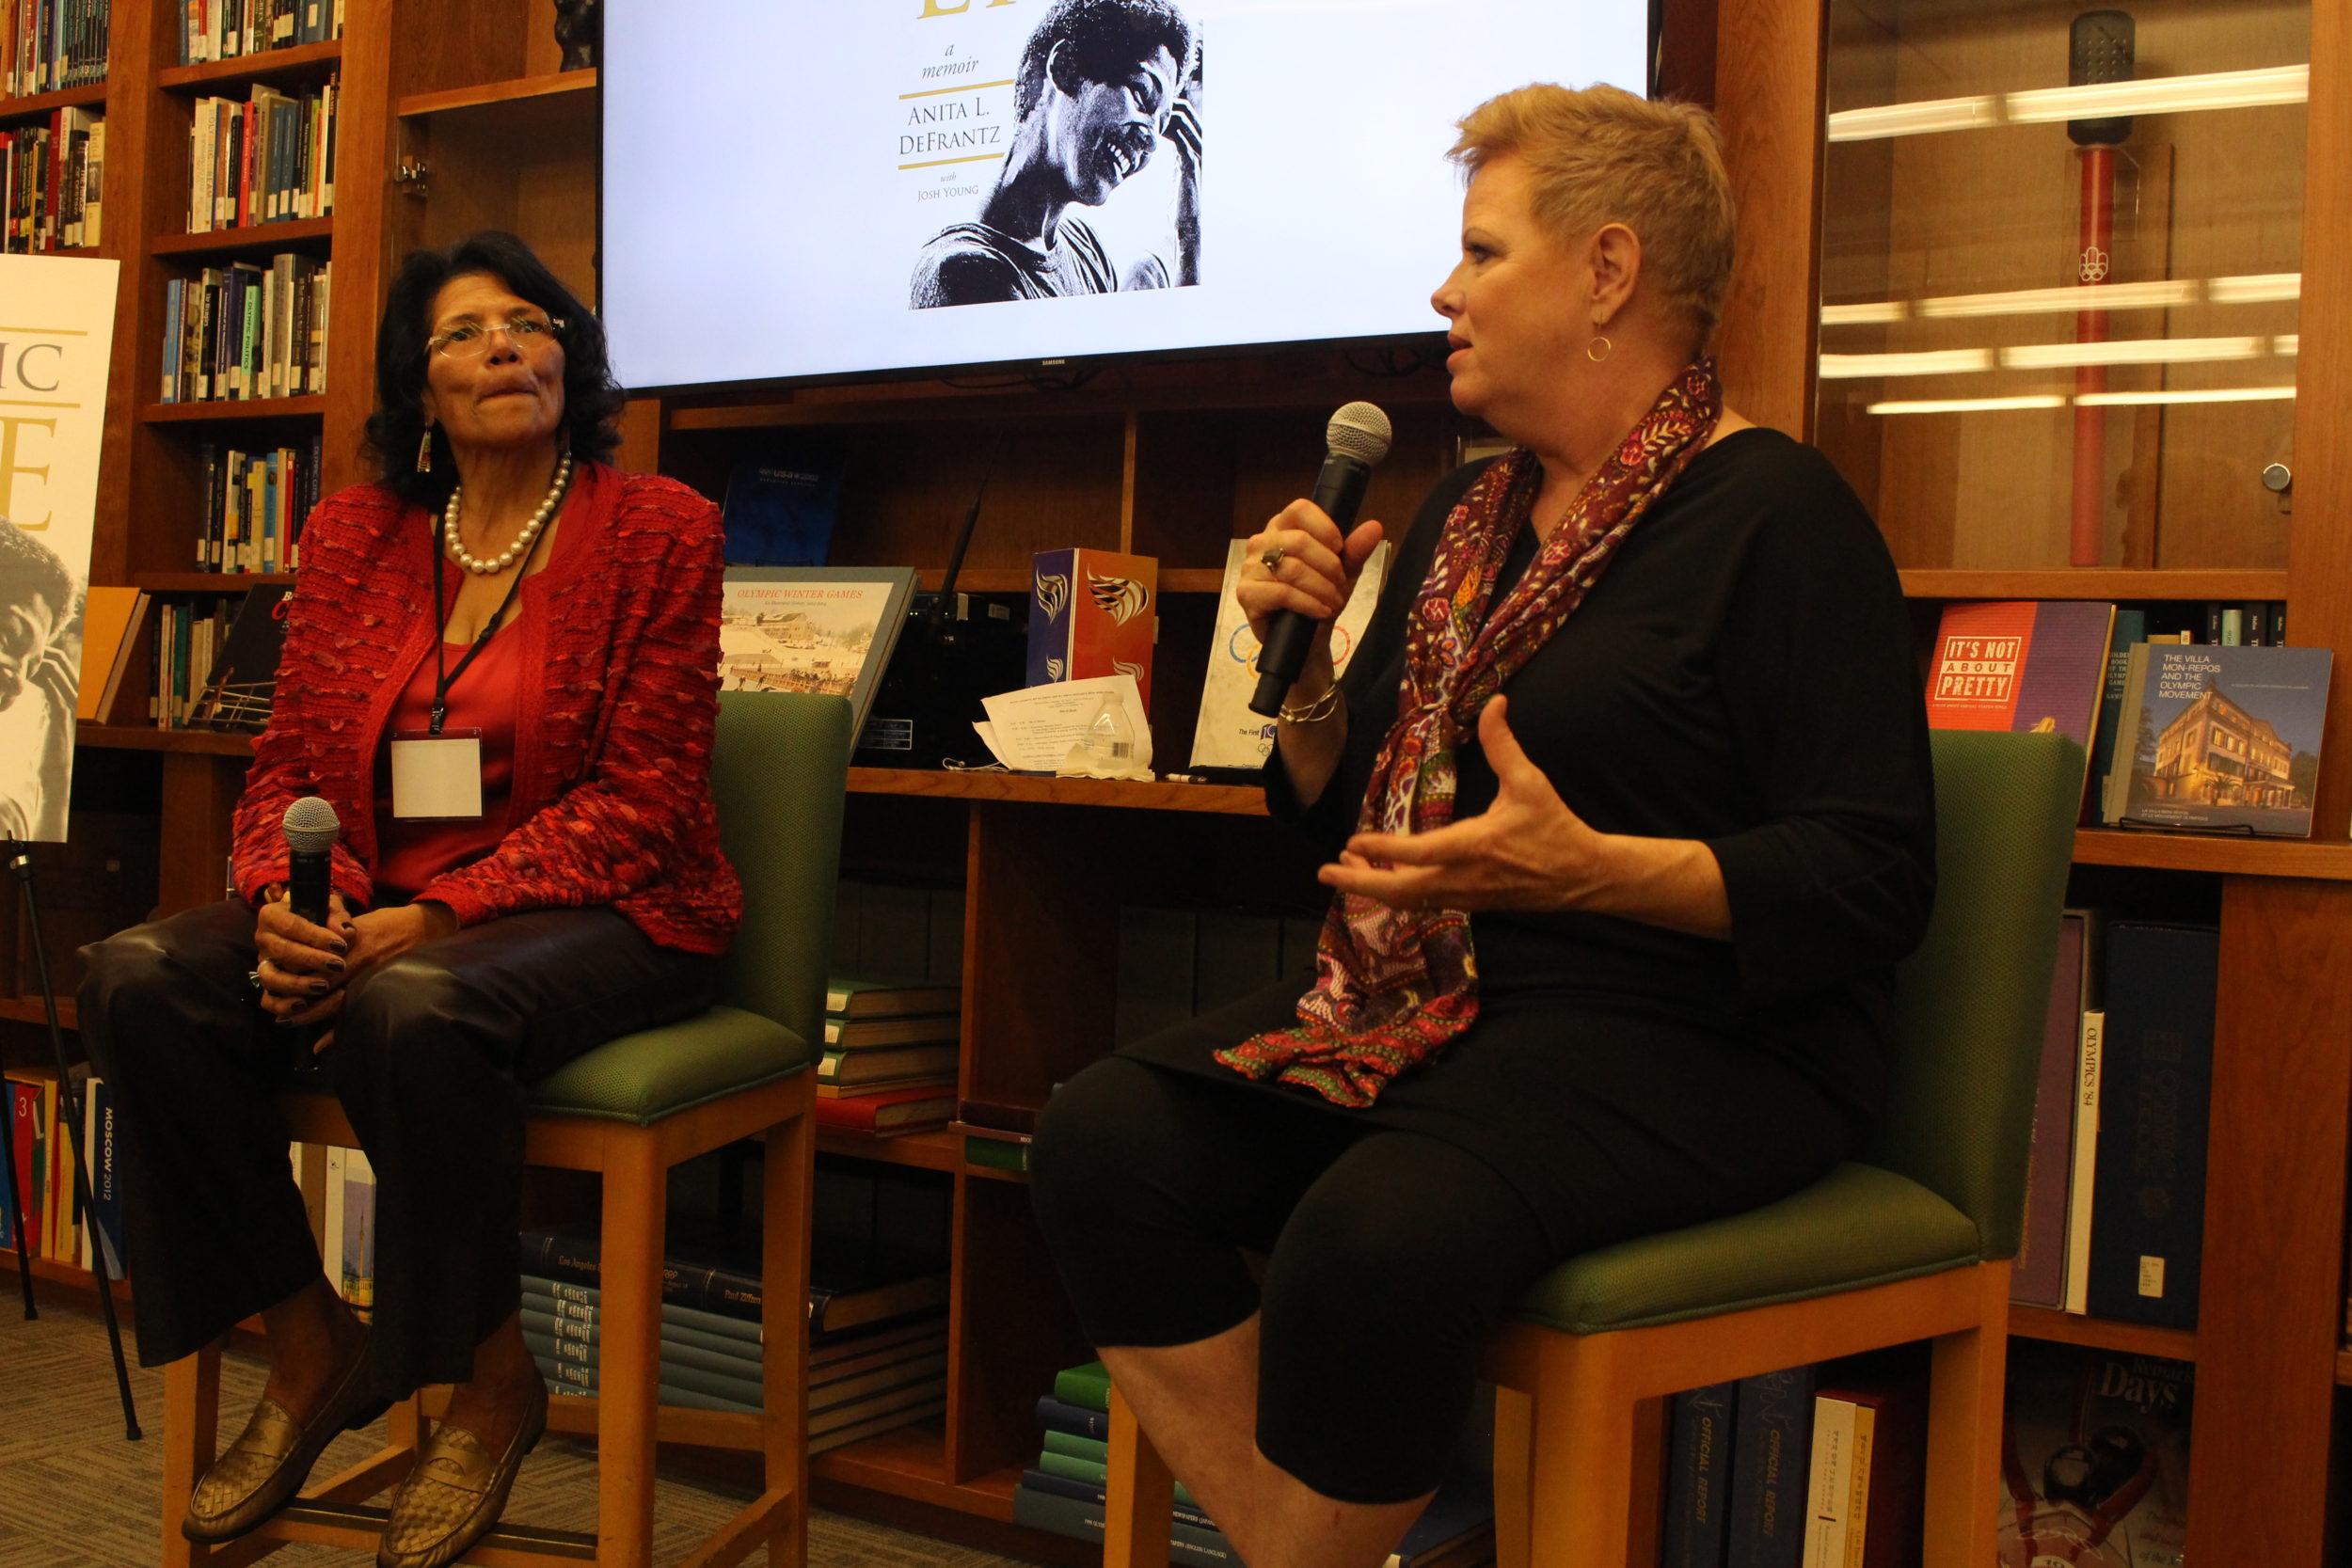 LA84 Hosts Book Launch Reception For Anita DeFrantz